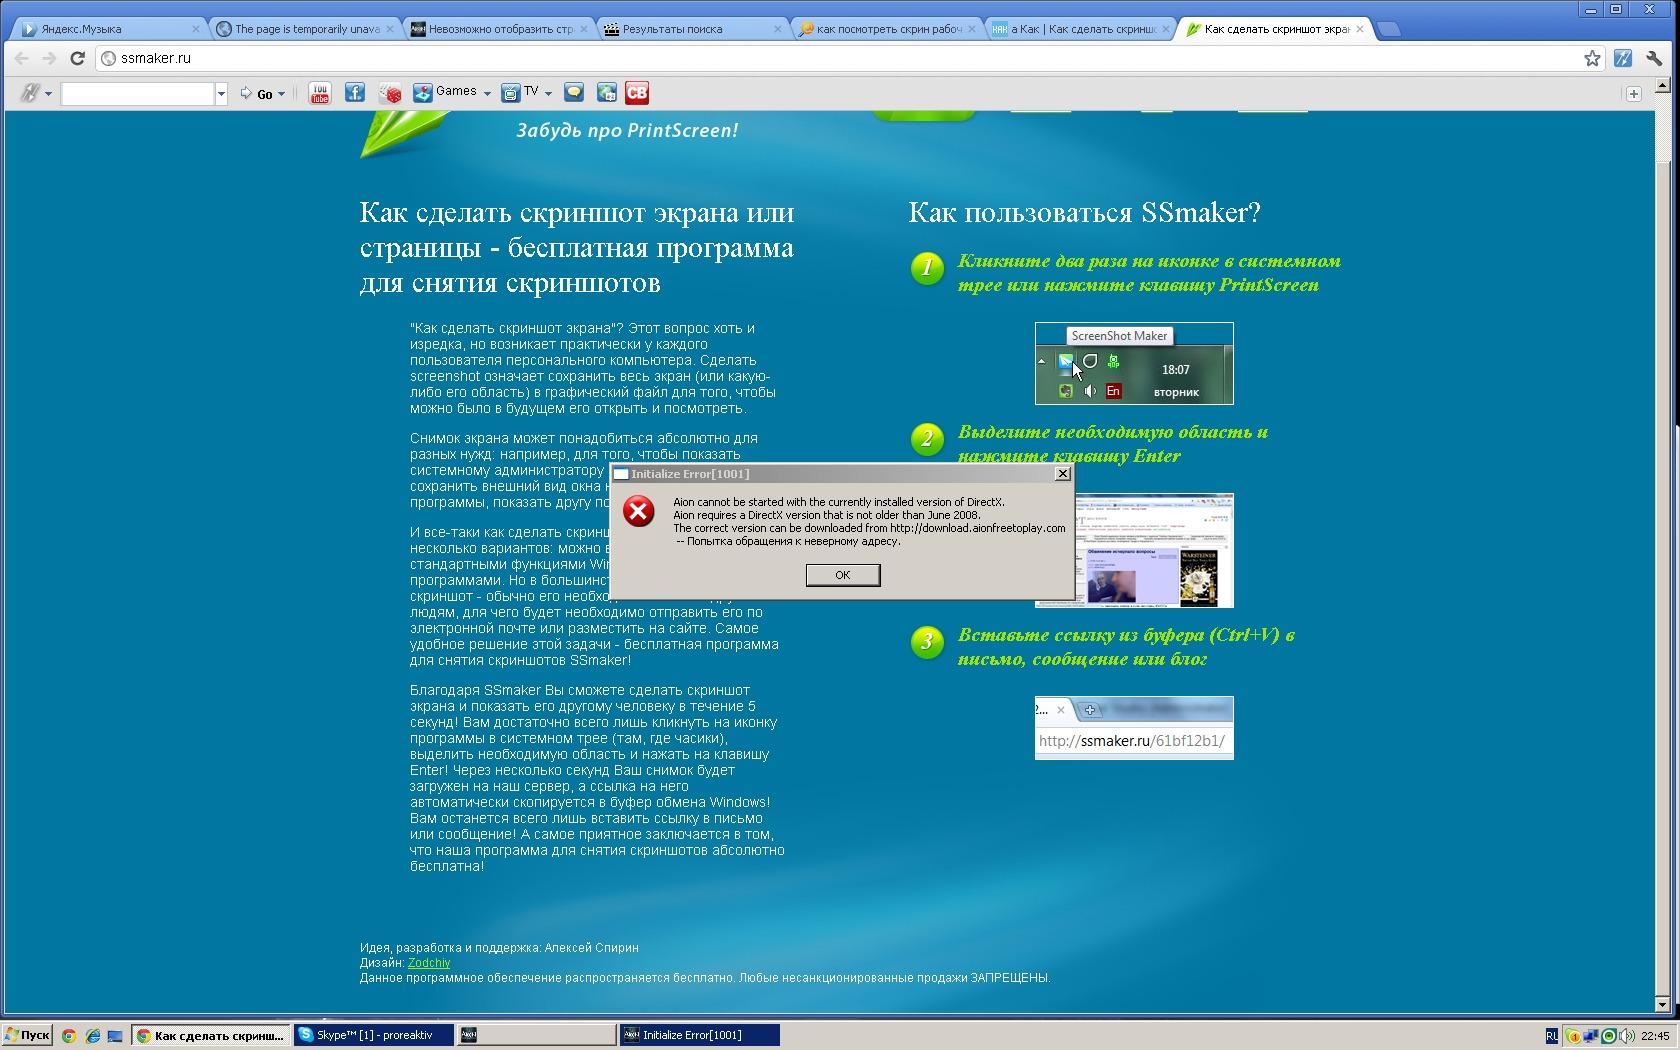 Как cделать снимок экрана в Microsoft Windows 19